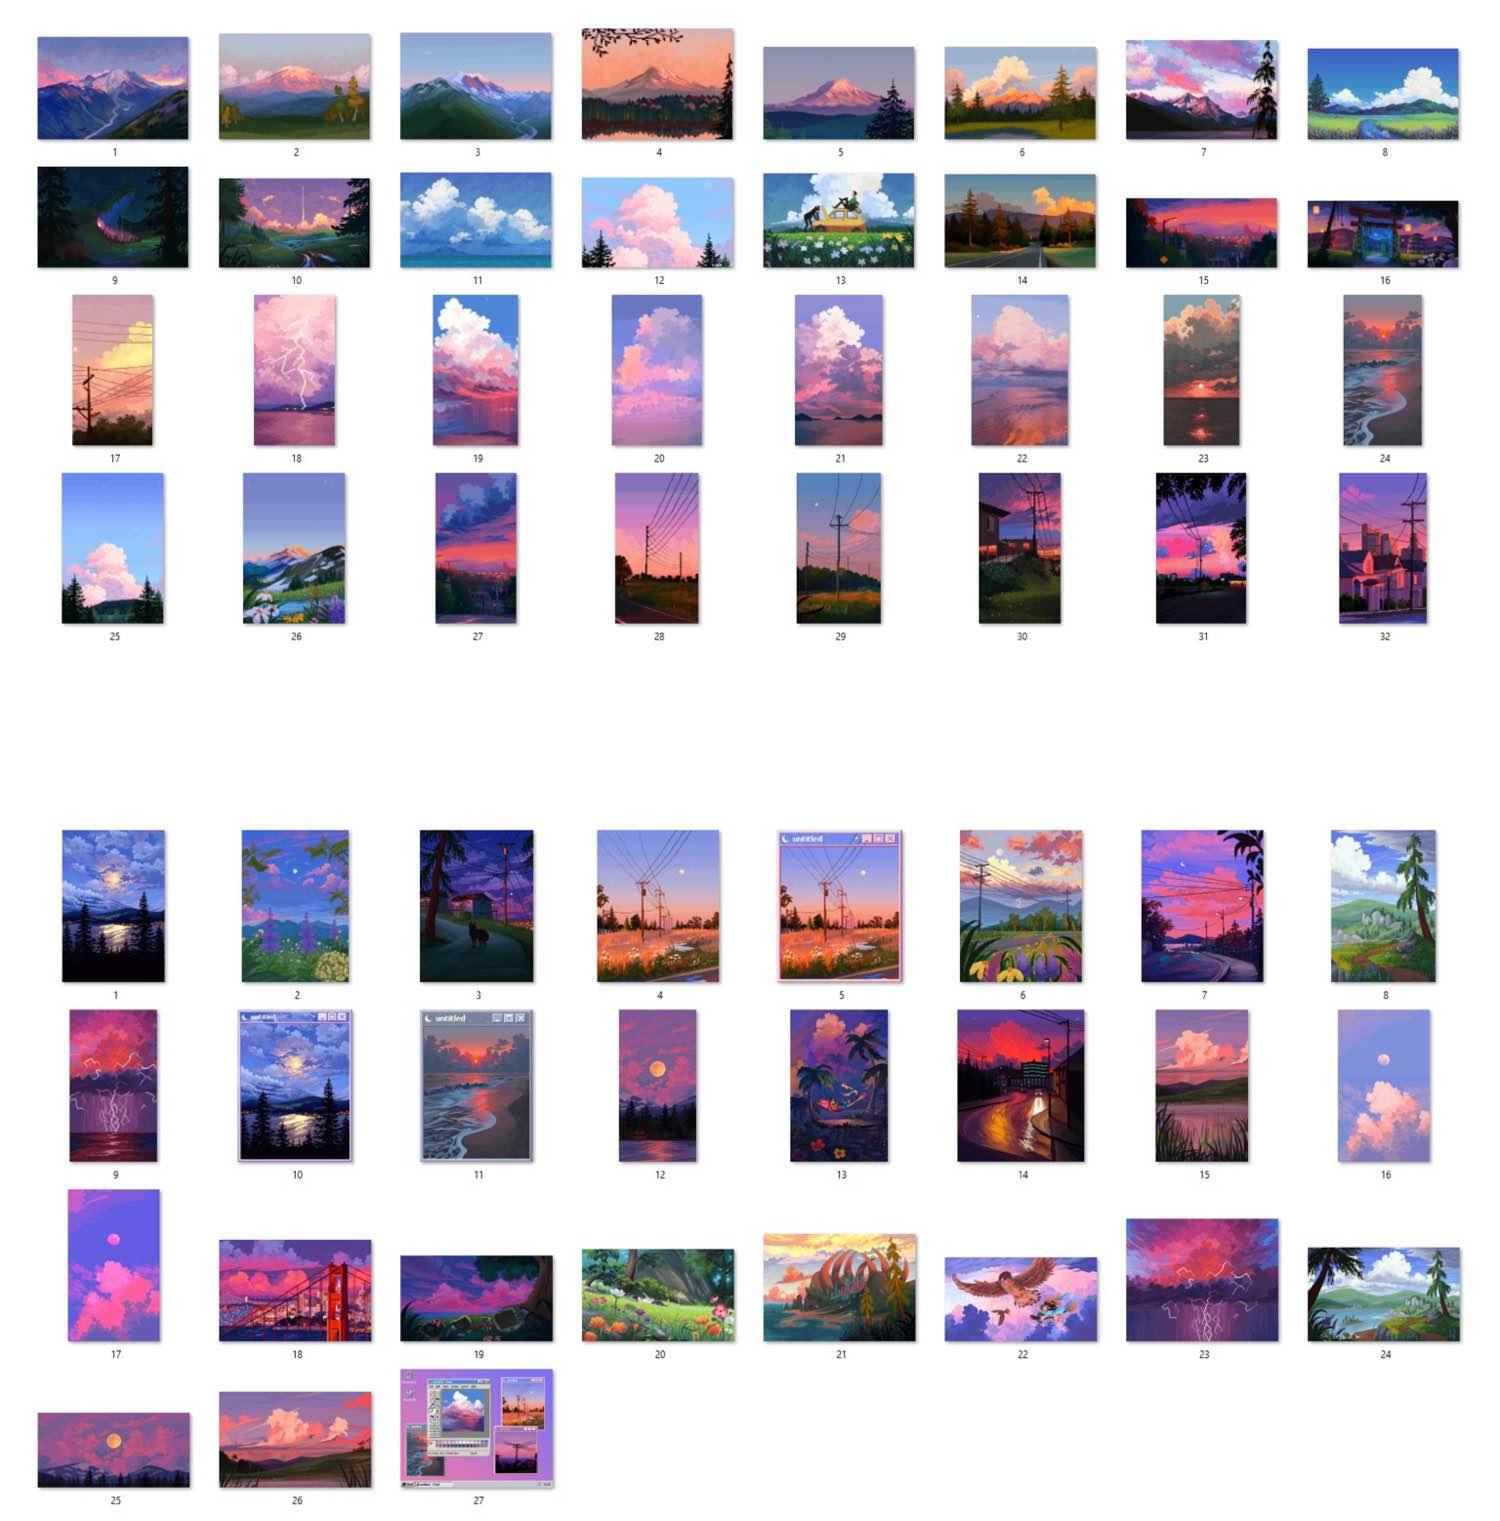 8pxl-wallpaper-packs